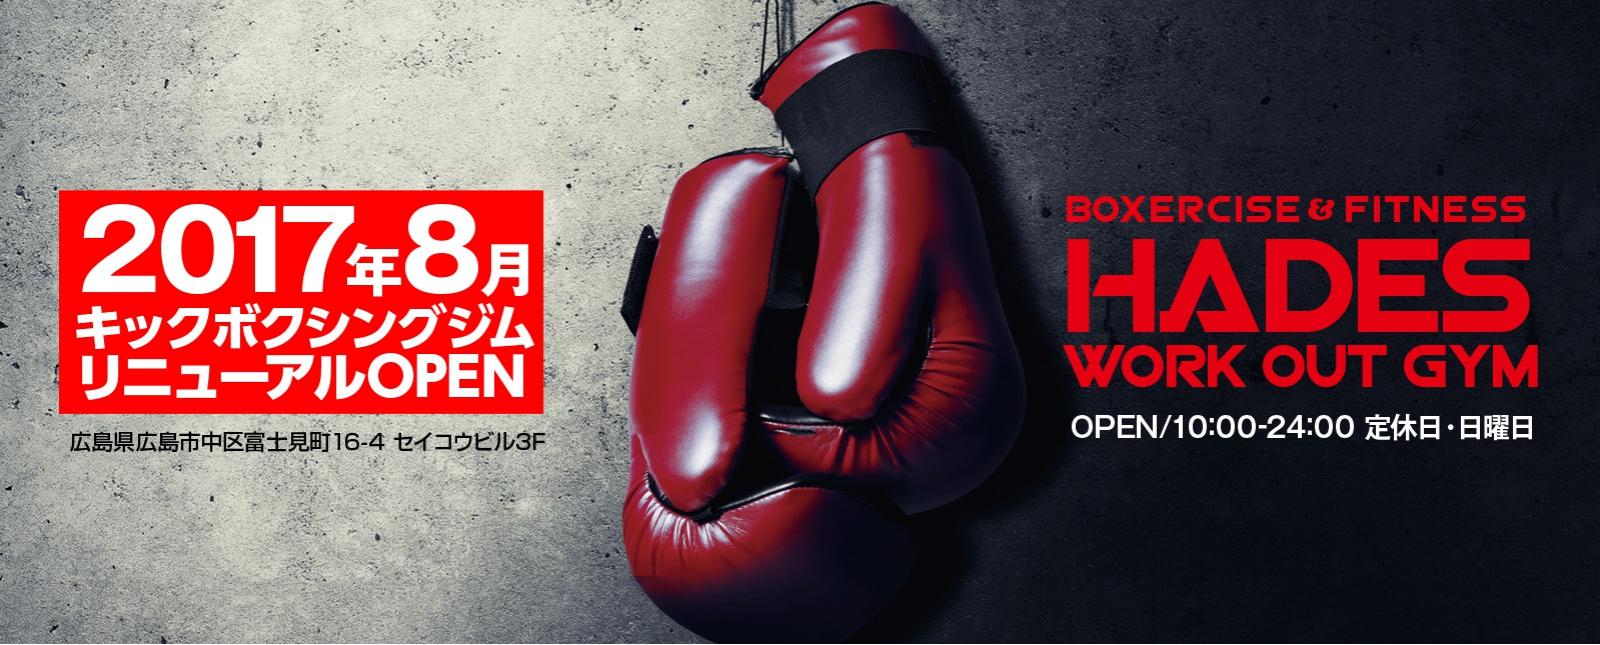 広島中区キックボクシングジム HADES WORK OUT GYM(ハーデスワークアウトジム) 2017年08月 キックボクシングジムリニューアルOPEN